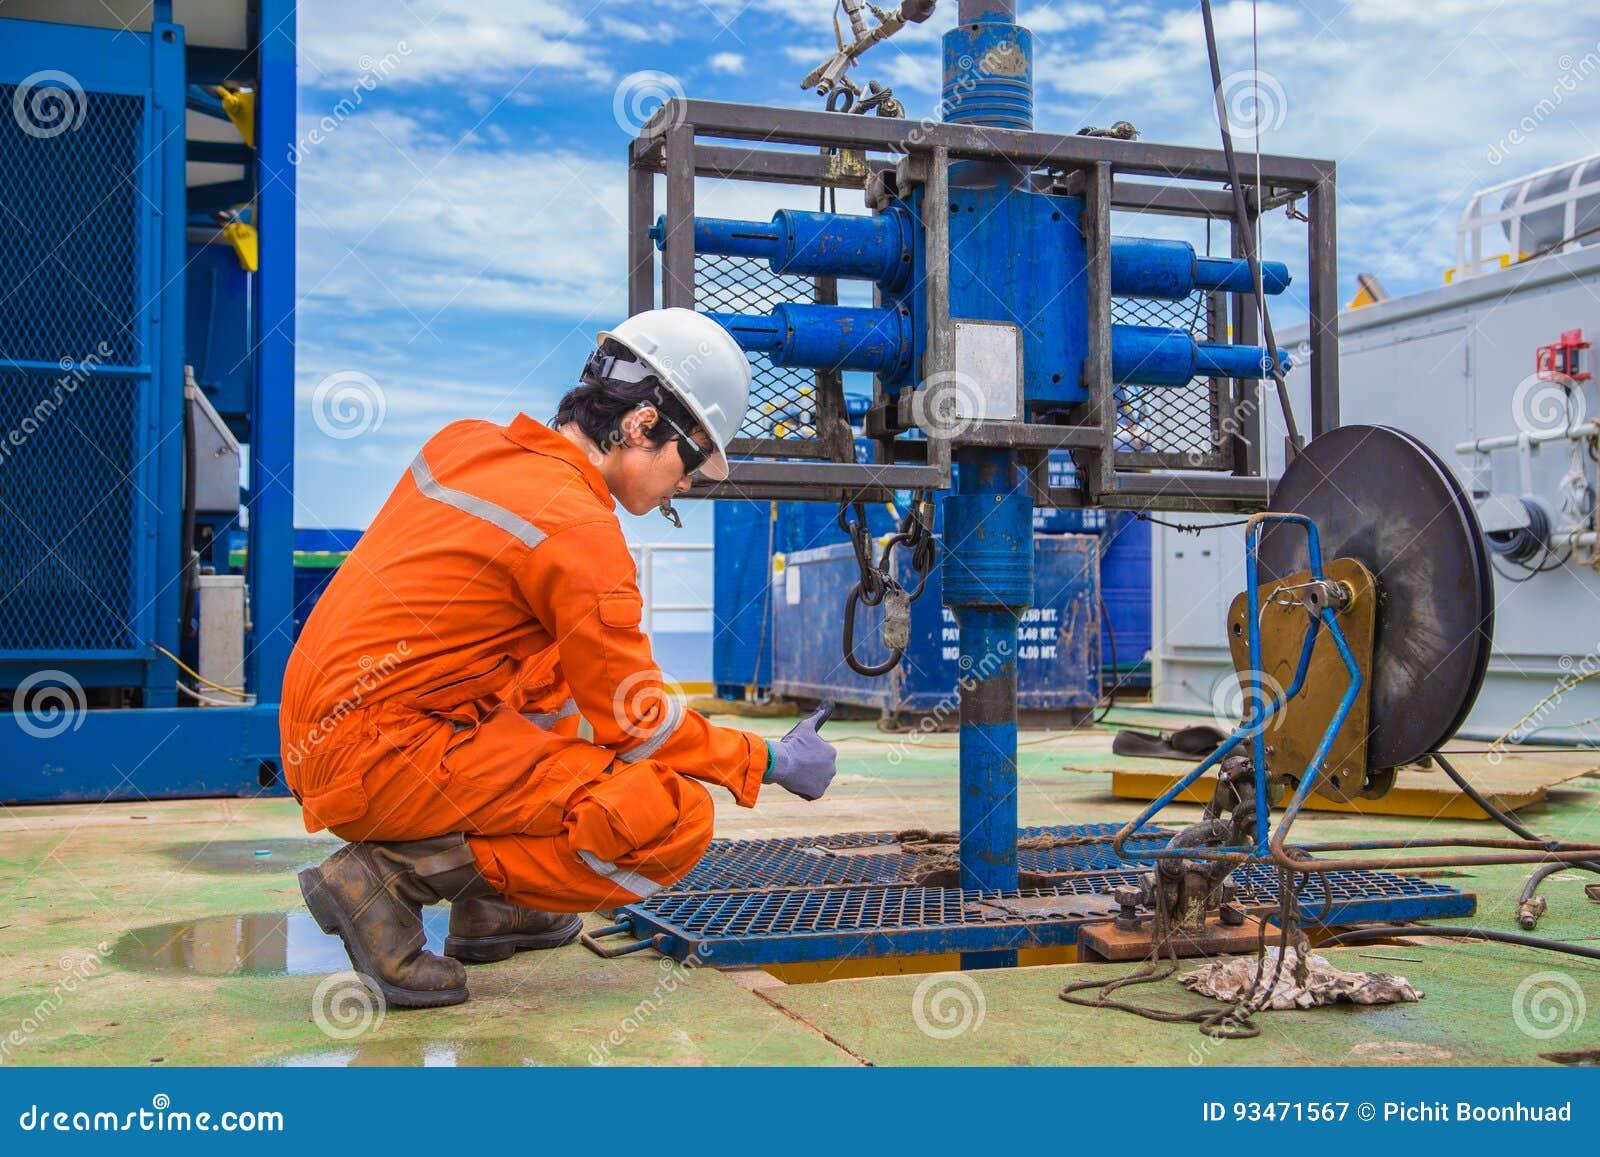 Pracownik pracuje na ropa i gaz wellhead dalekiej platformie dziurkowanie nowej produkci benzynowe studnie